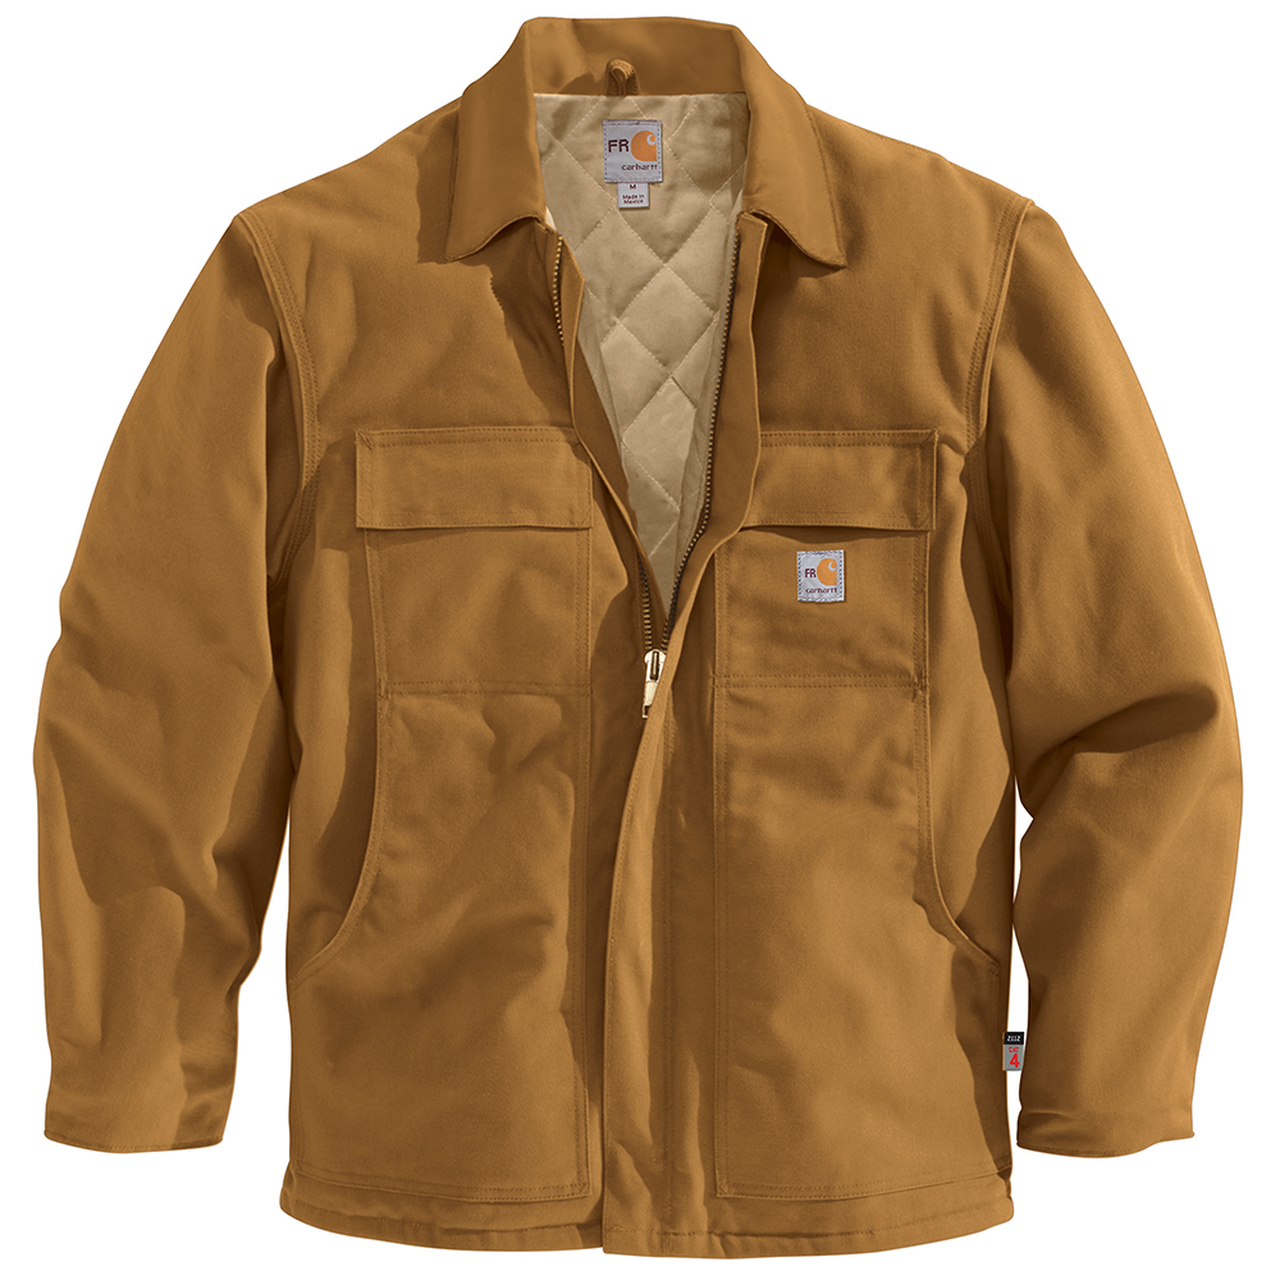 57519f8b6e2d Carhartt 54 cal cm2 Men s Flame Resistant Duck Traditional Coat ...